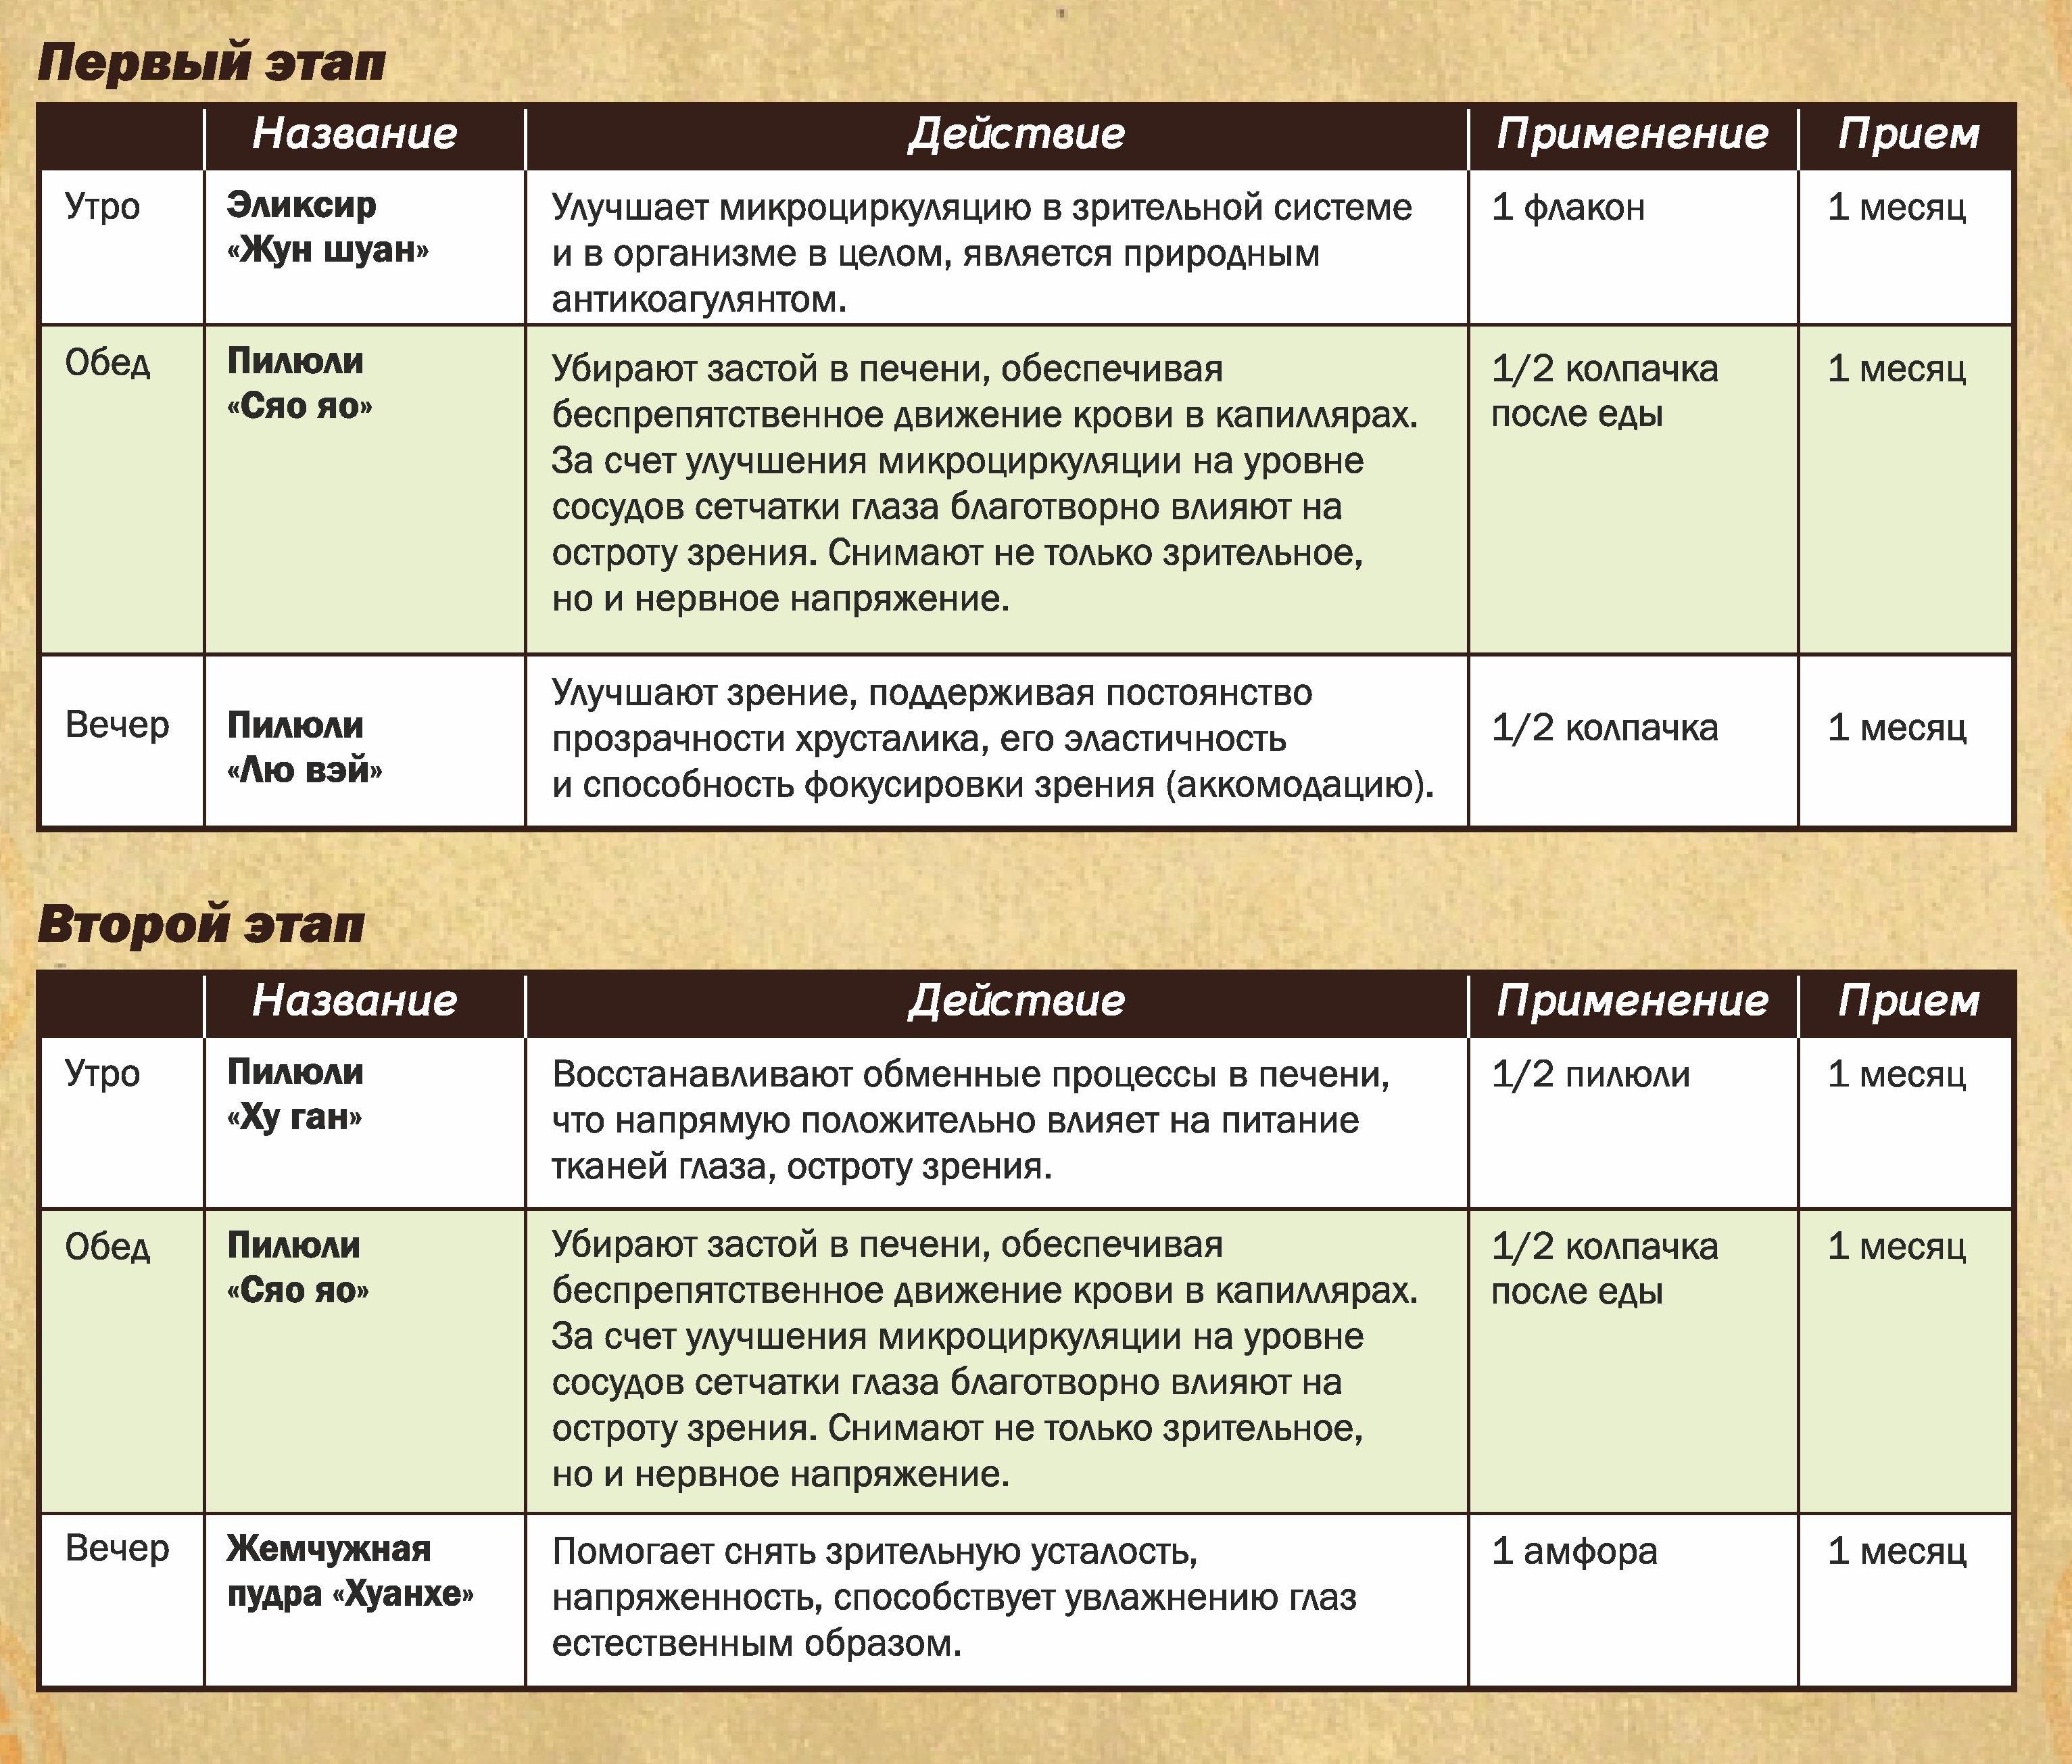 Правильное Похудение Этапы. 8 этапов похудения, что надо знать чтобы точно похудеть